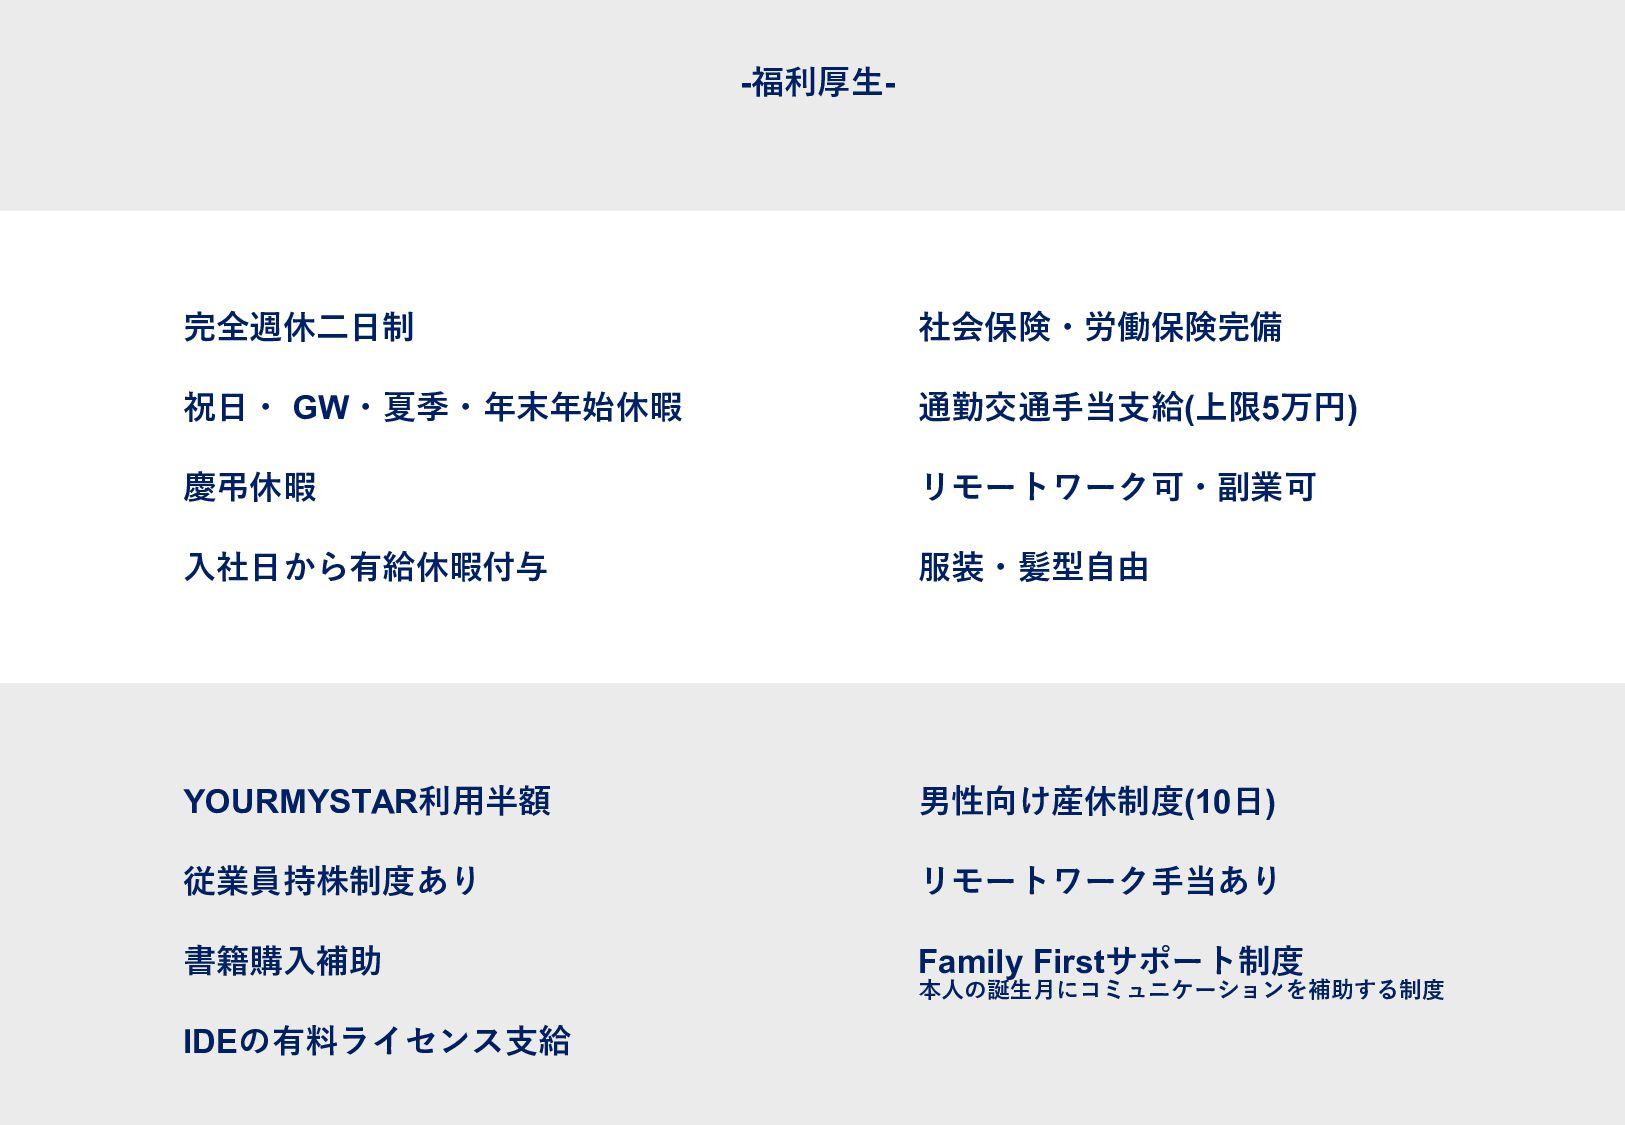 Te c h n i c a l A d v i s e r 明石 信之 - 技 術 顧 問 ...